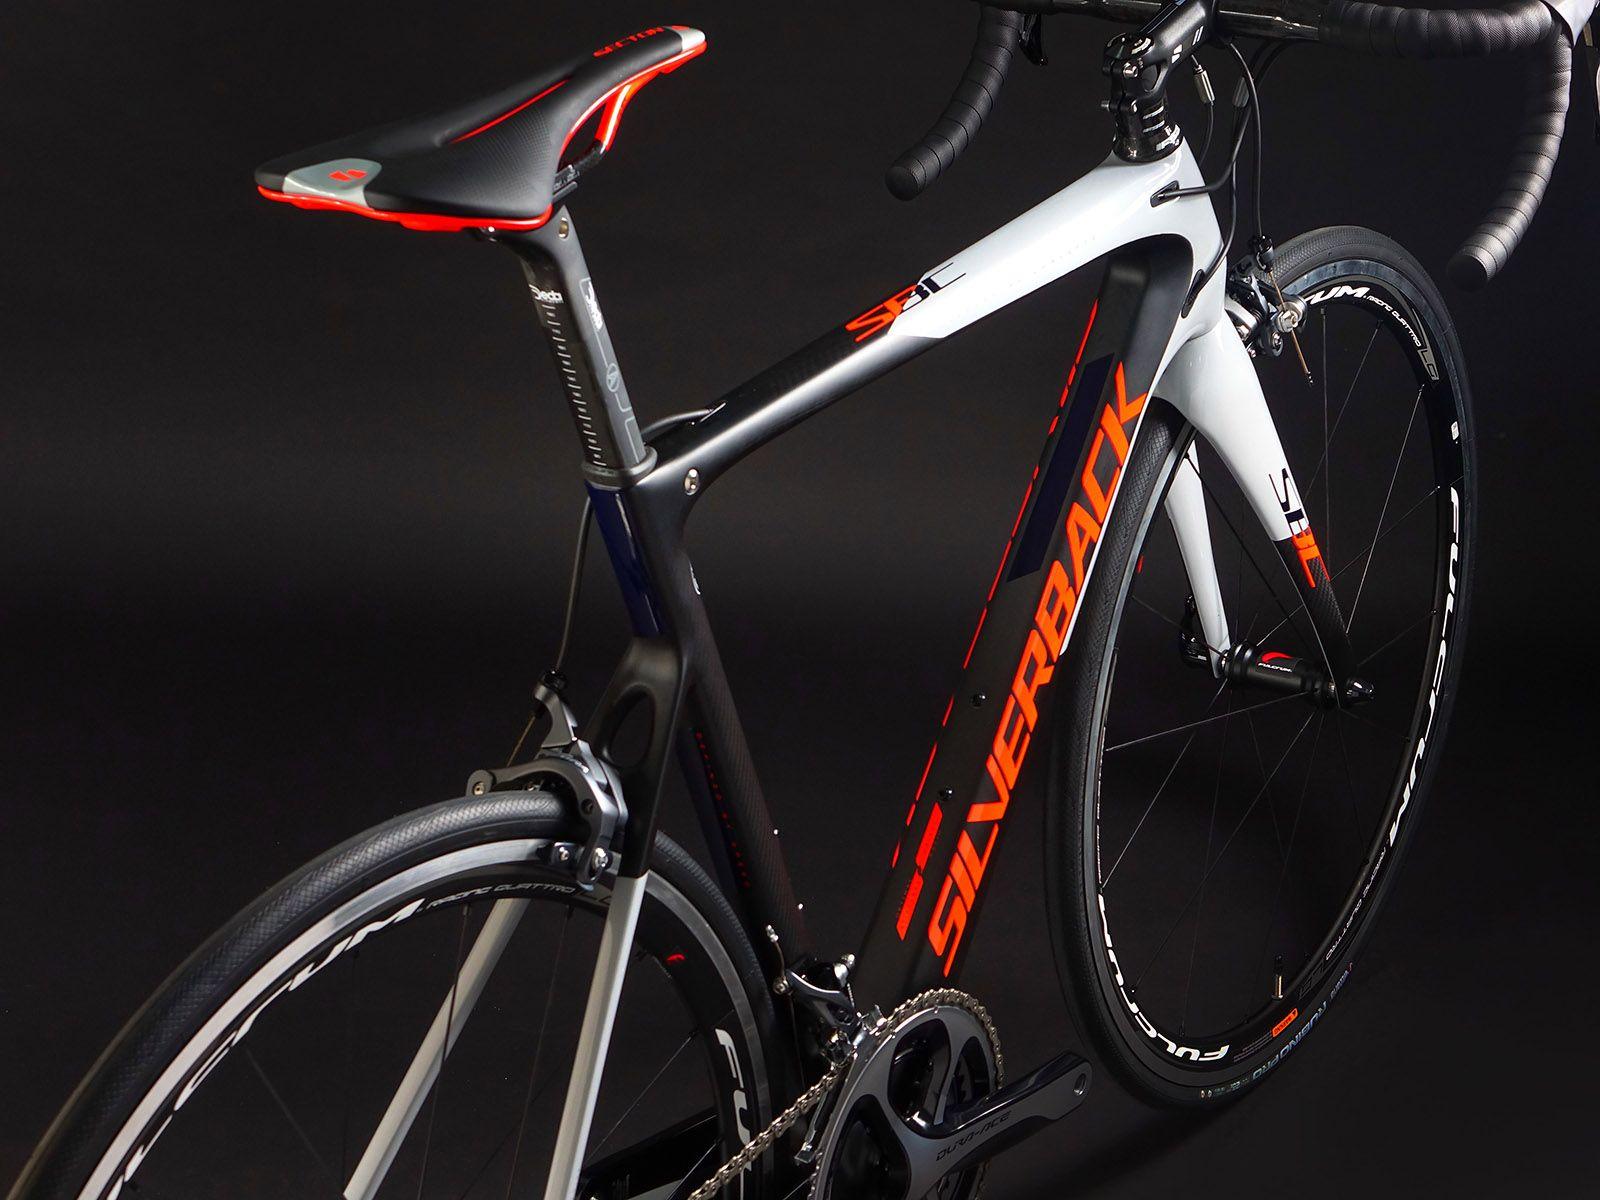 Размер рамы велосипеда, как подобрать по росту, таблицы.